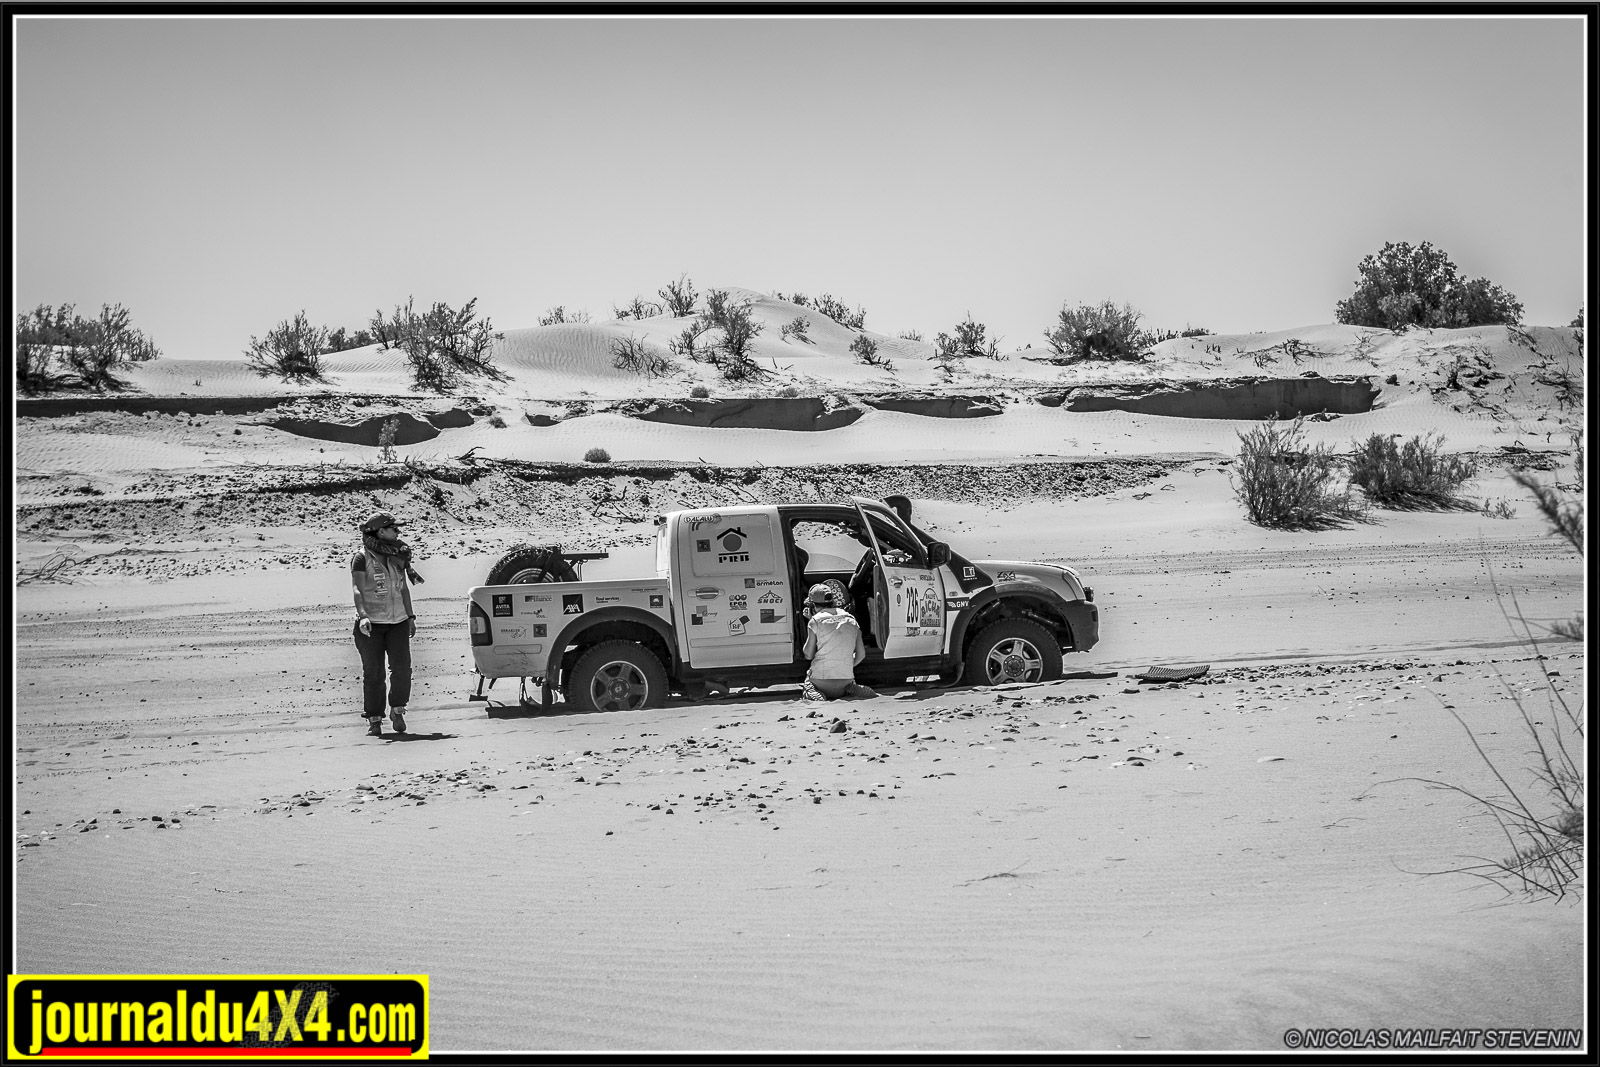 rallye-aicha-gazelles-maroc-2017-7257.jpg